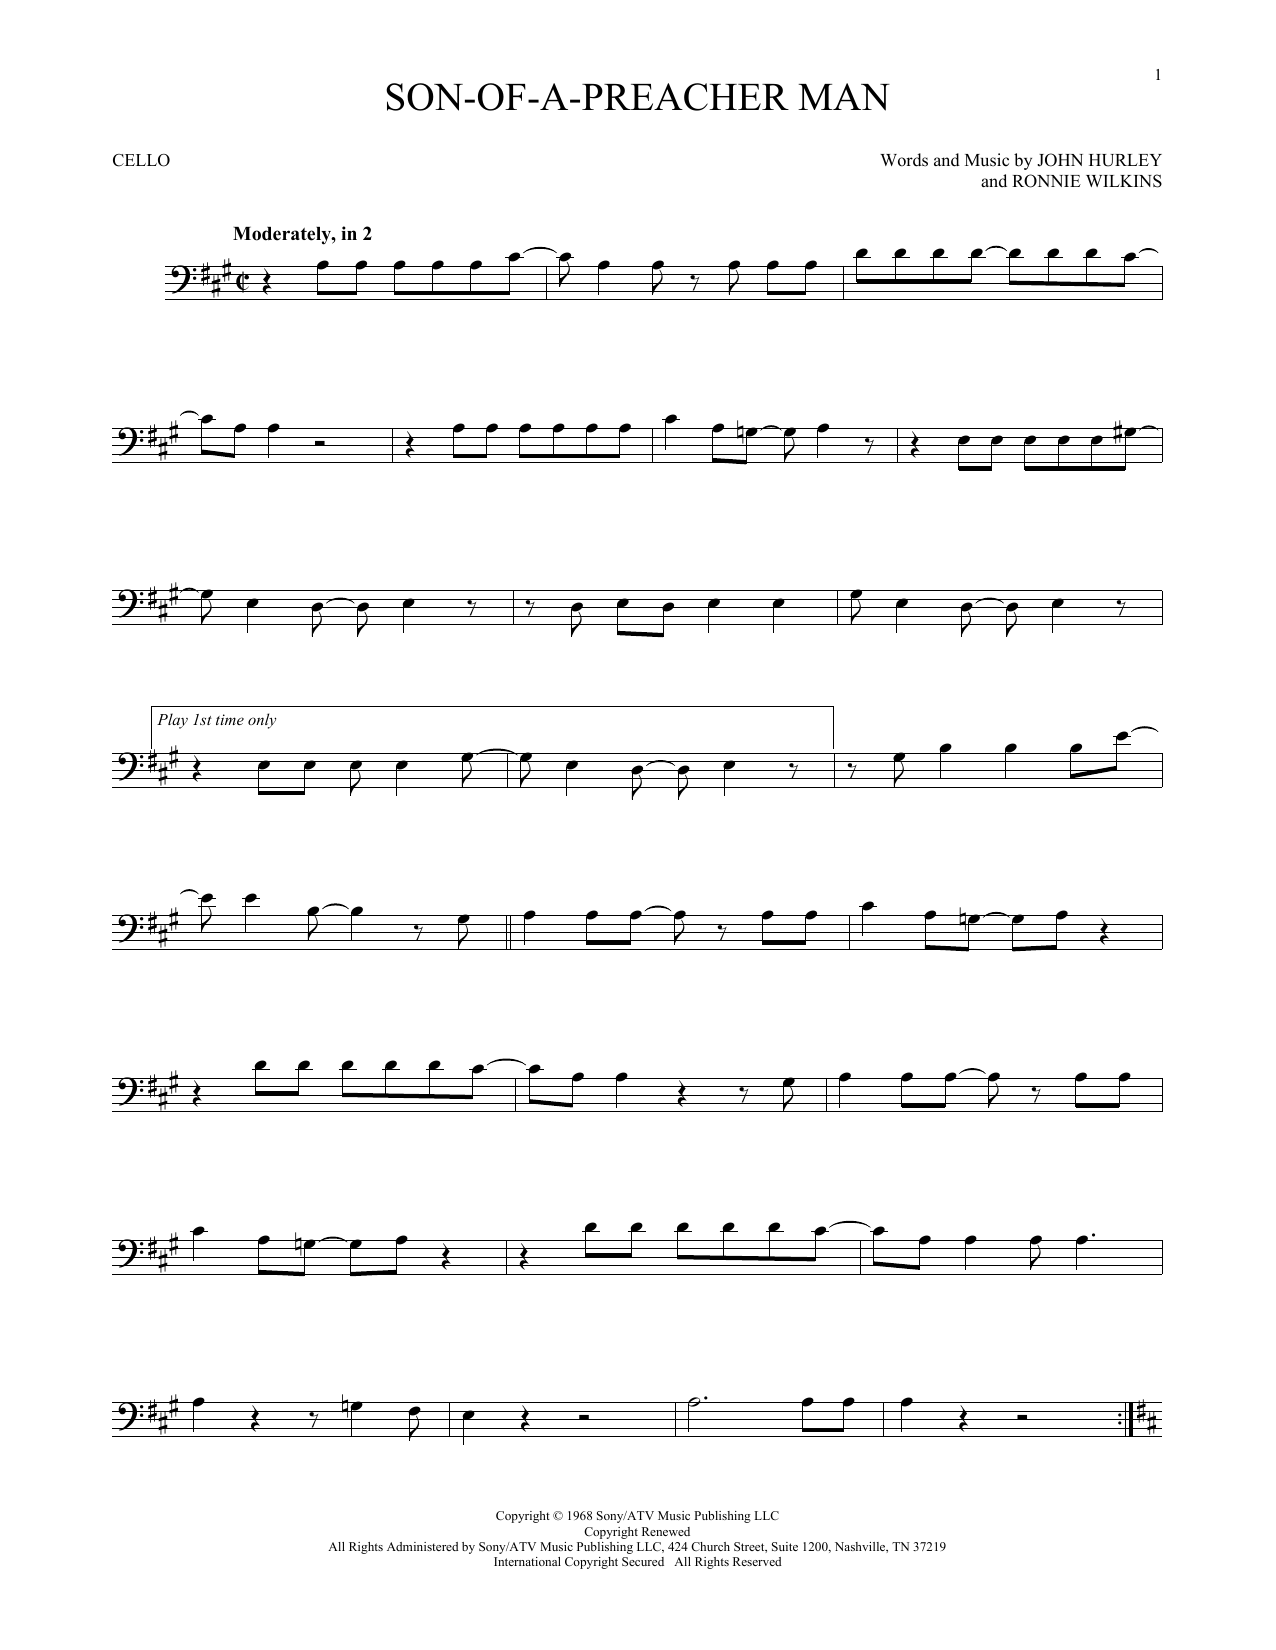 Son-Of-A-Preacher Man (Cello Solo)